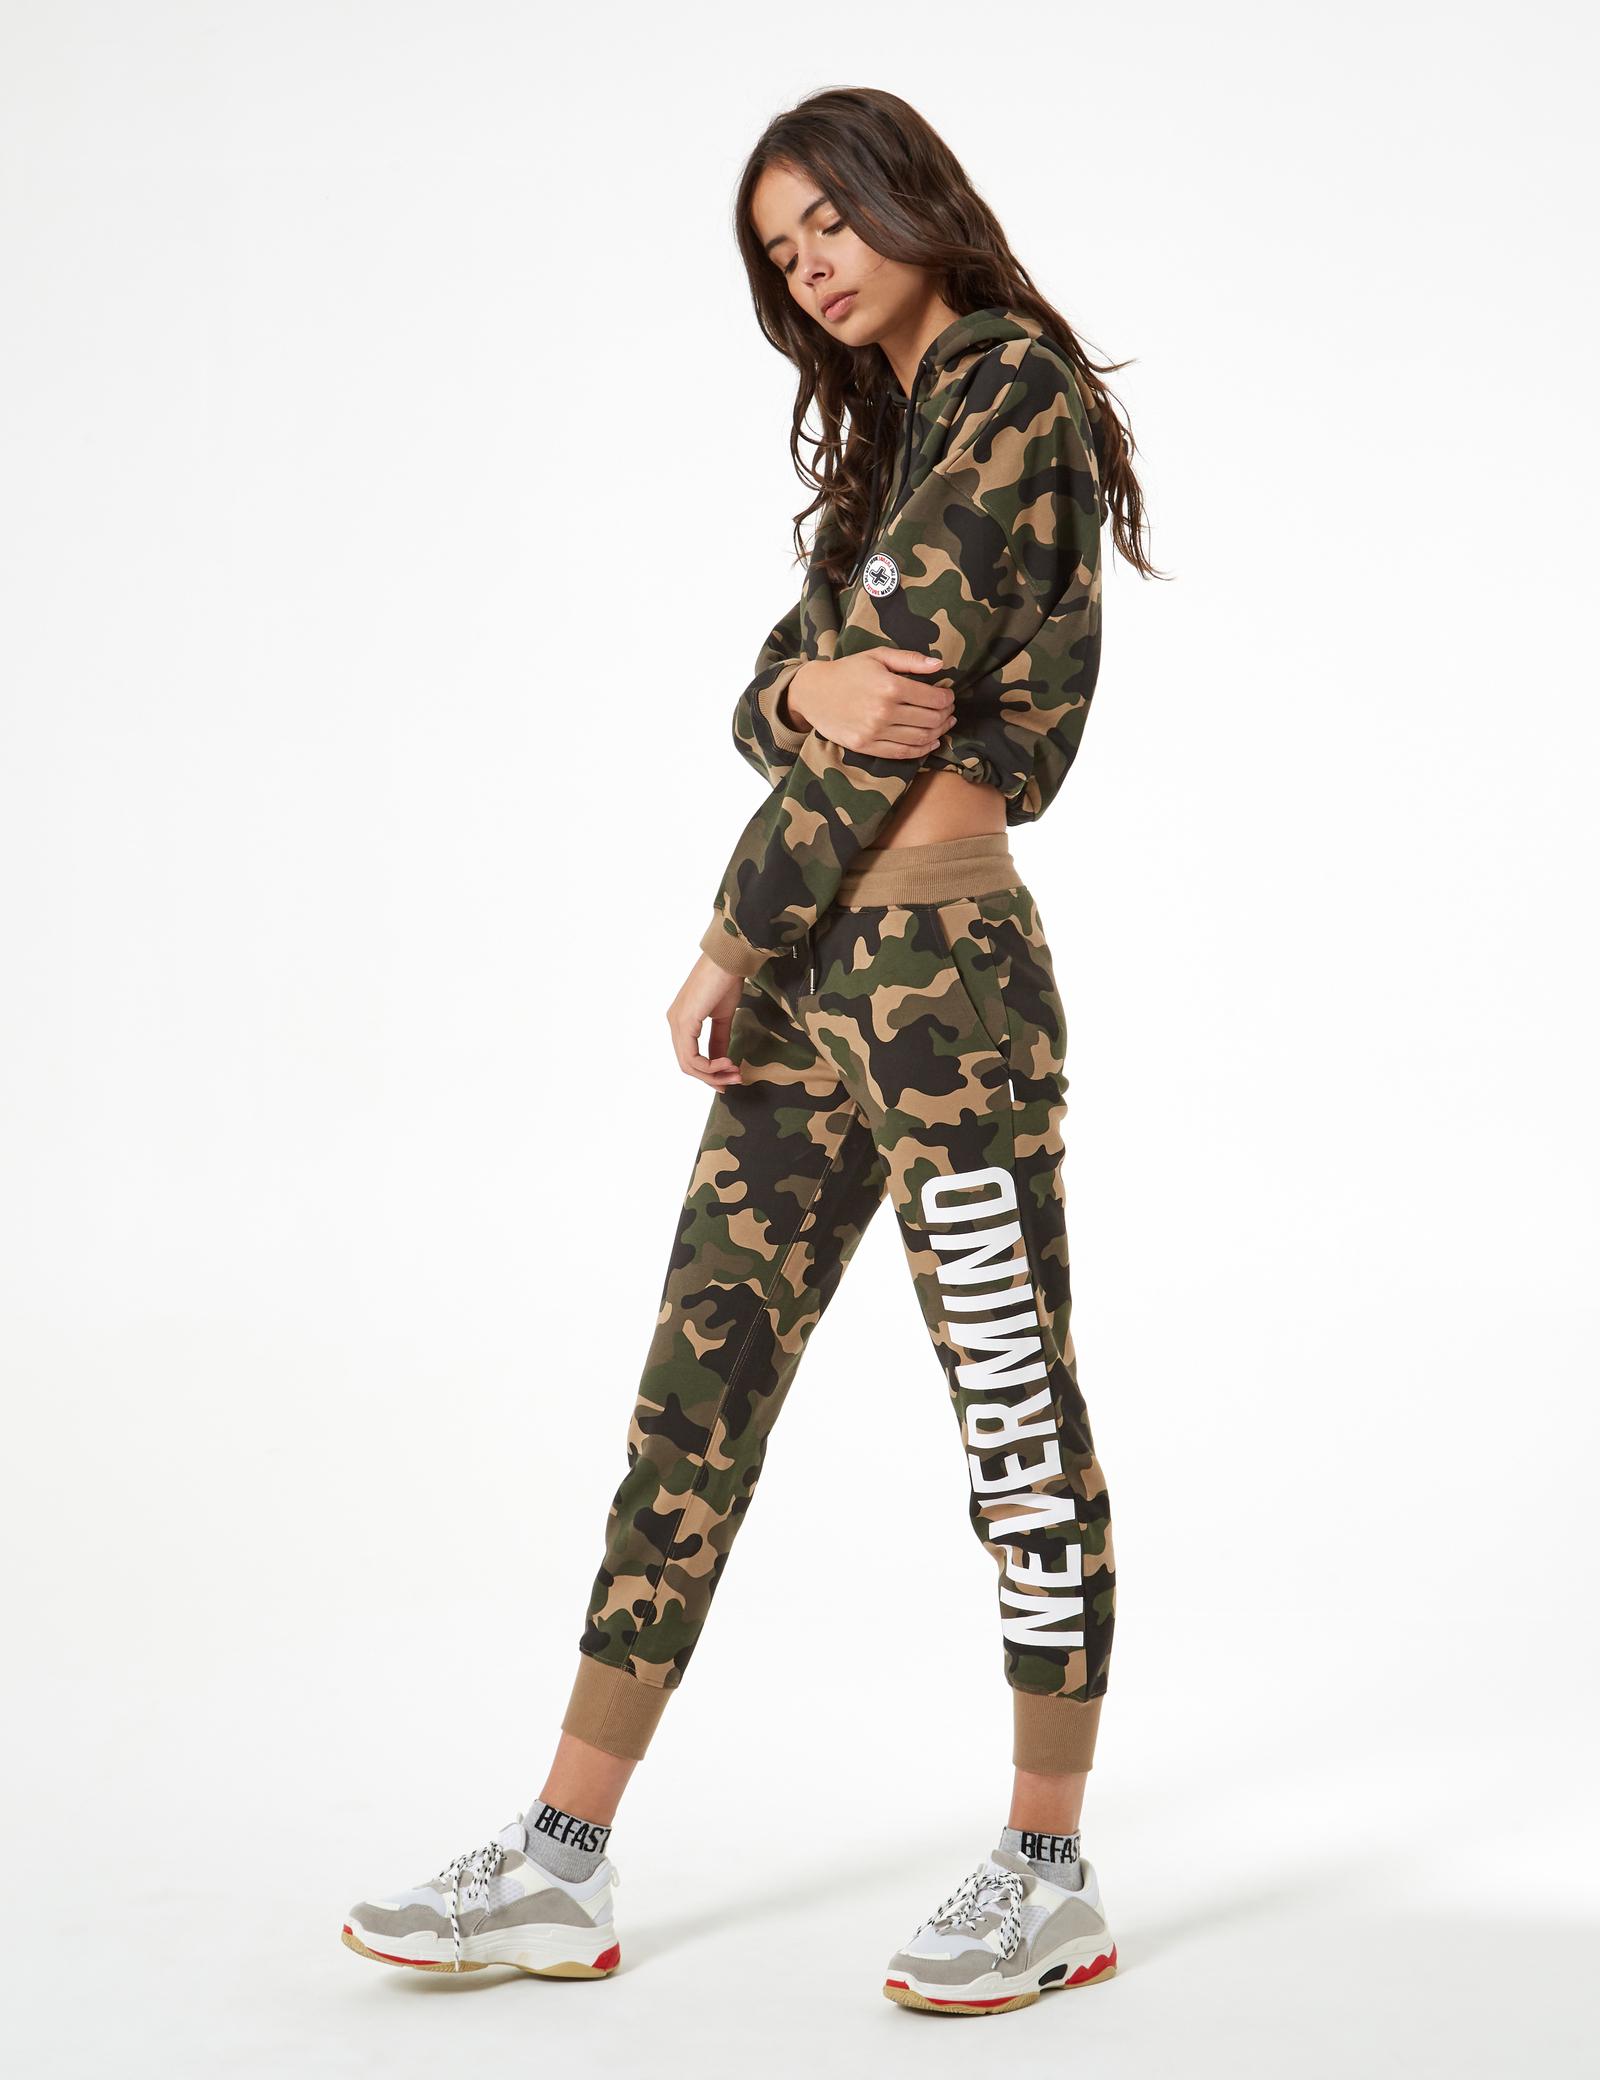 Pantalon Les Jennyfer Militaire Militaire Pantalon Les kwn0P8O